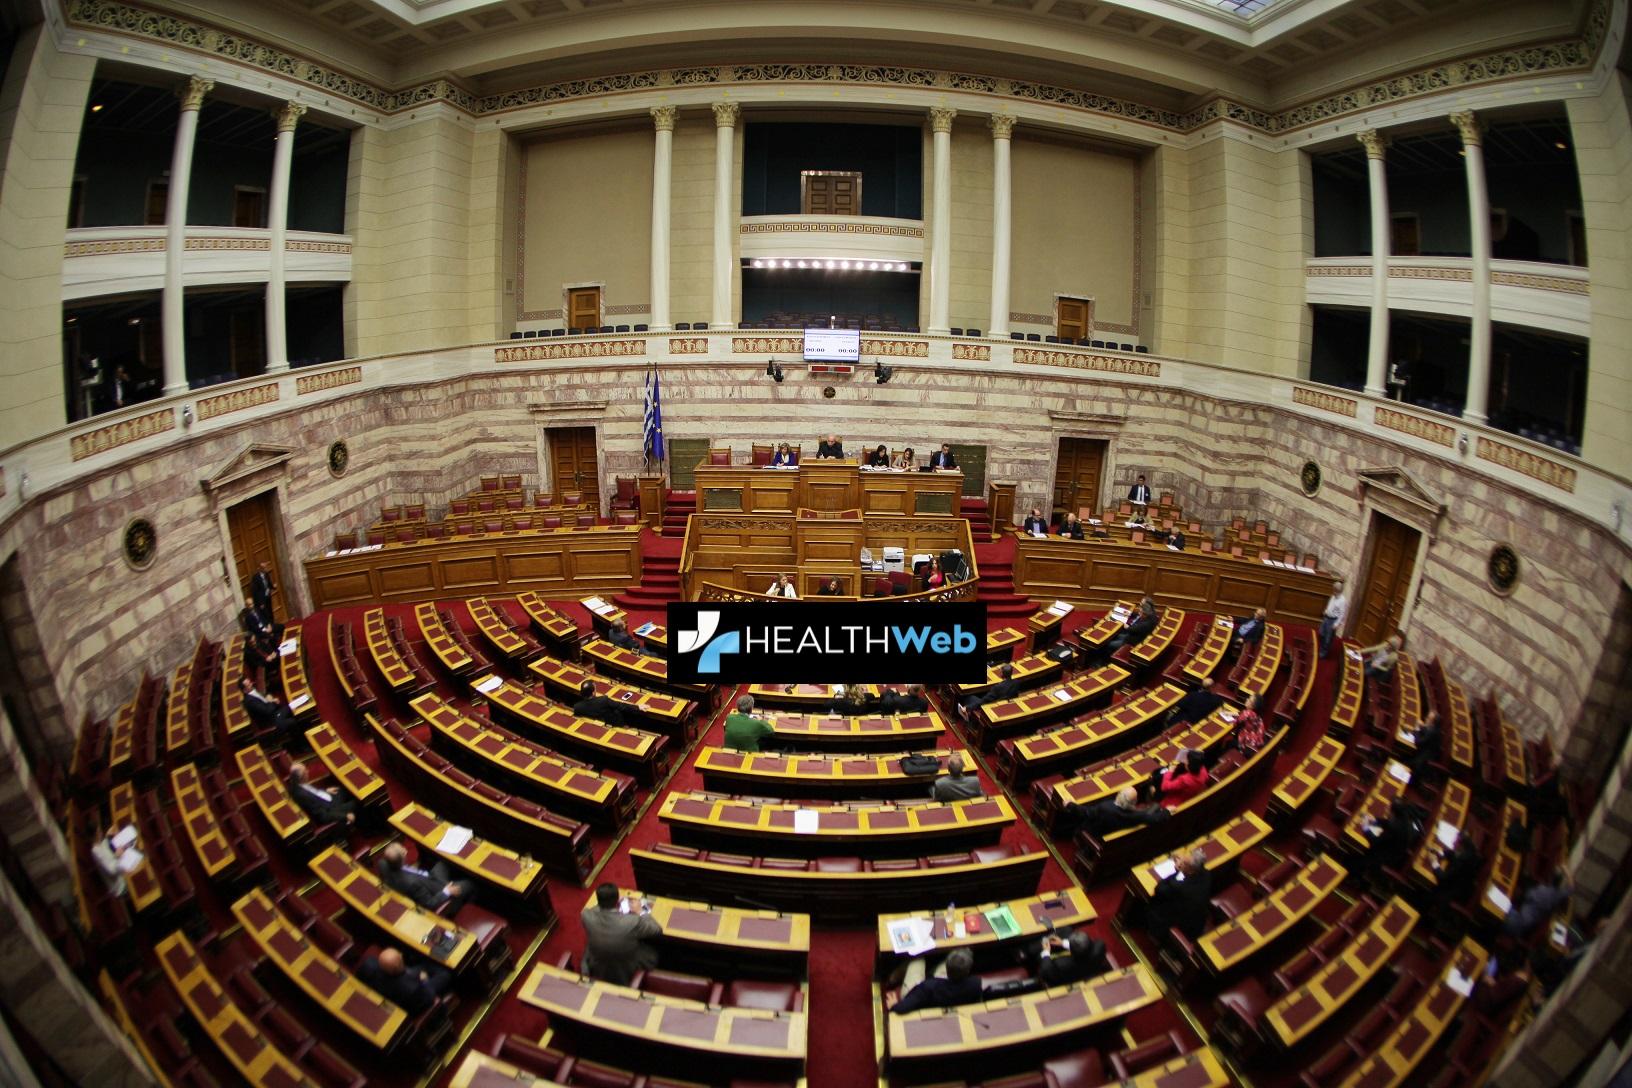 Στην Βουλή από το ΚΙΝΑΛ η αποκάλυψη του healthwebgr για το κόστος του τεστ κοροναϊού ,ότι δεν μπορεί να συμπεριληφθεί στα ΚΕΝ